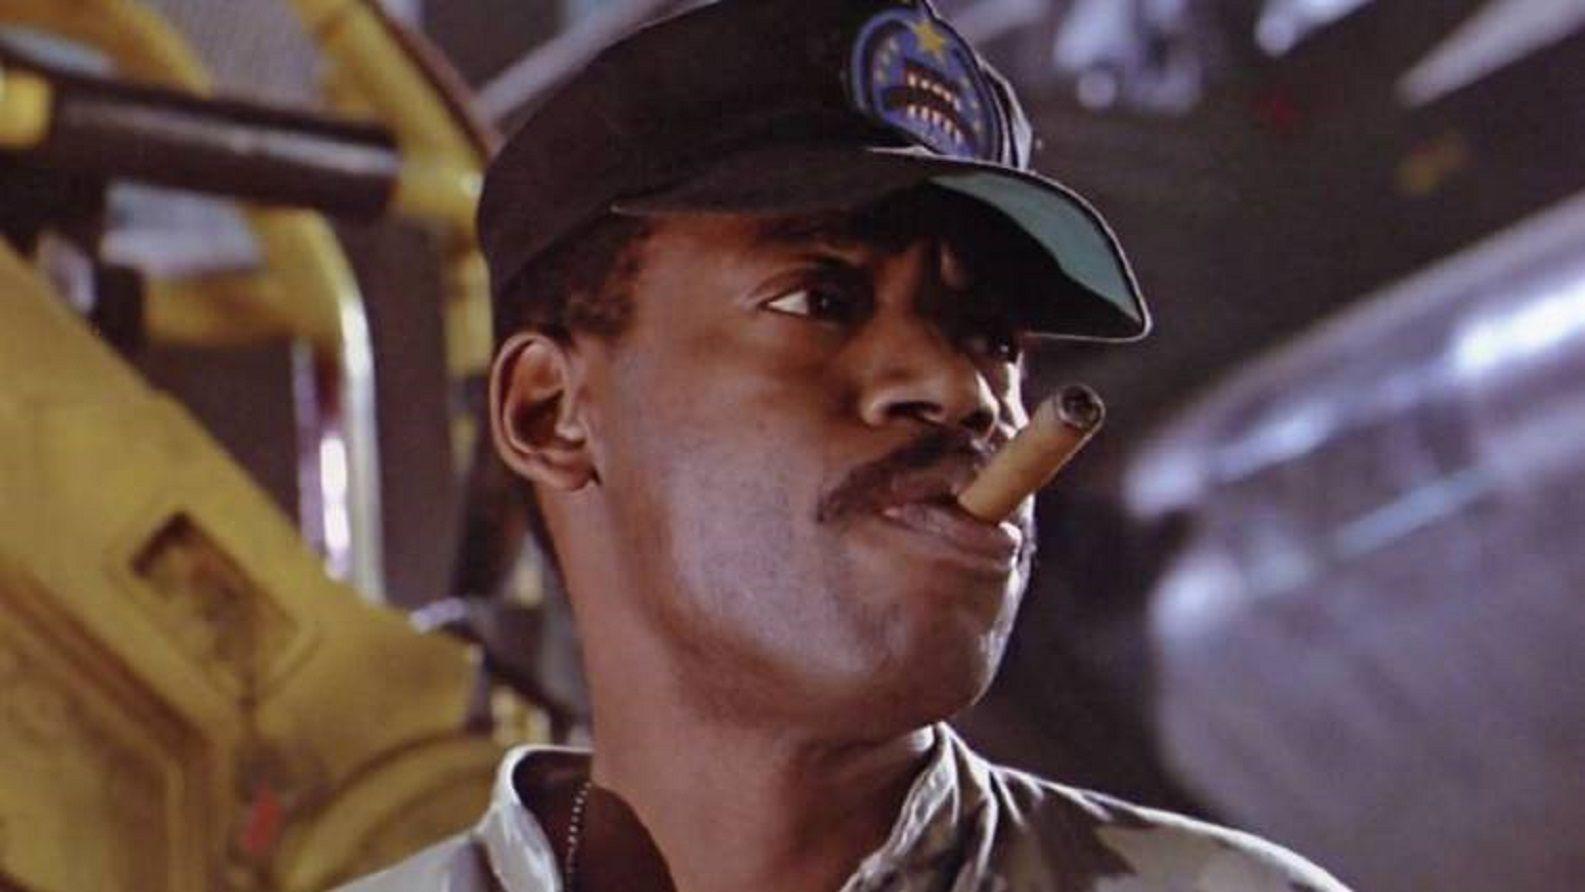 Murió Al Matthews, el sargento Apone de Alien 2: el regreso